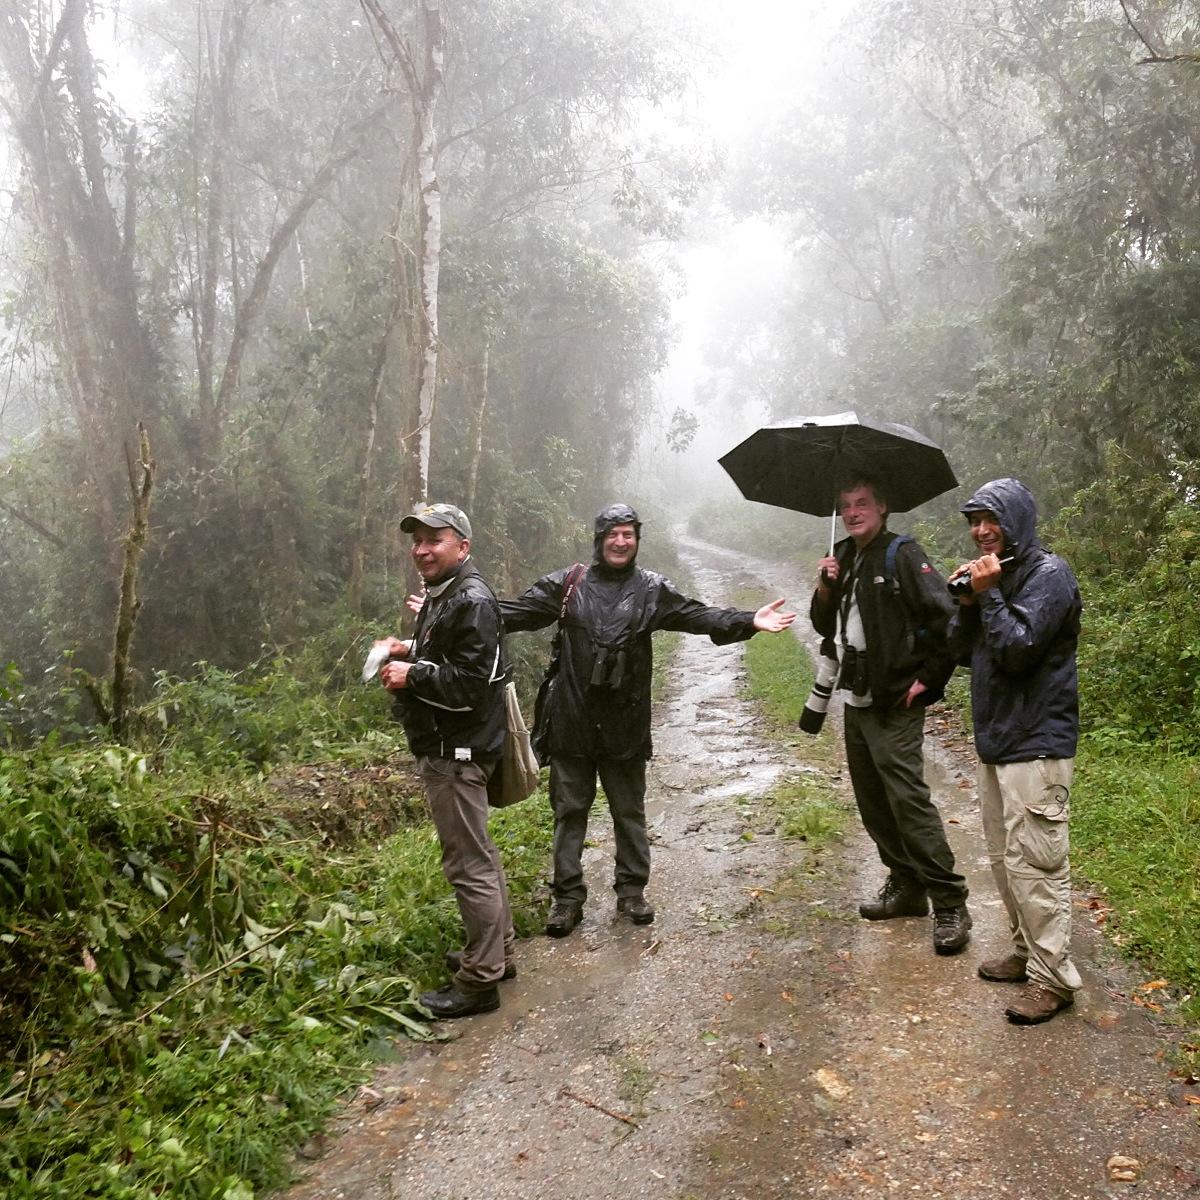 Albeiro, Dave, Jeff, and Jose look for birds at Rio Blanco. Noah Strycker